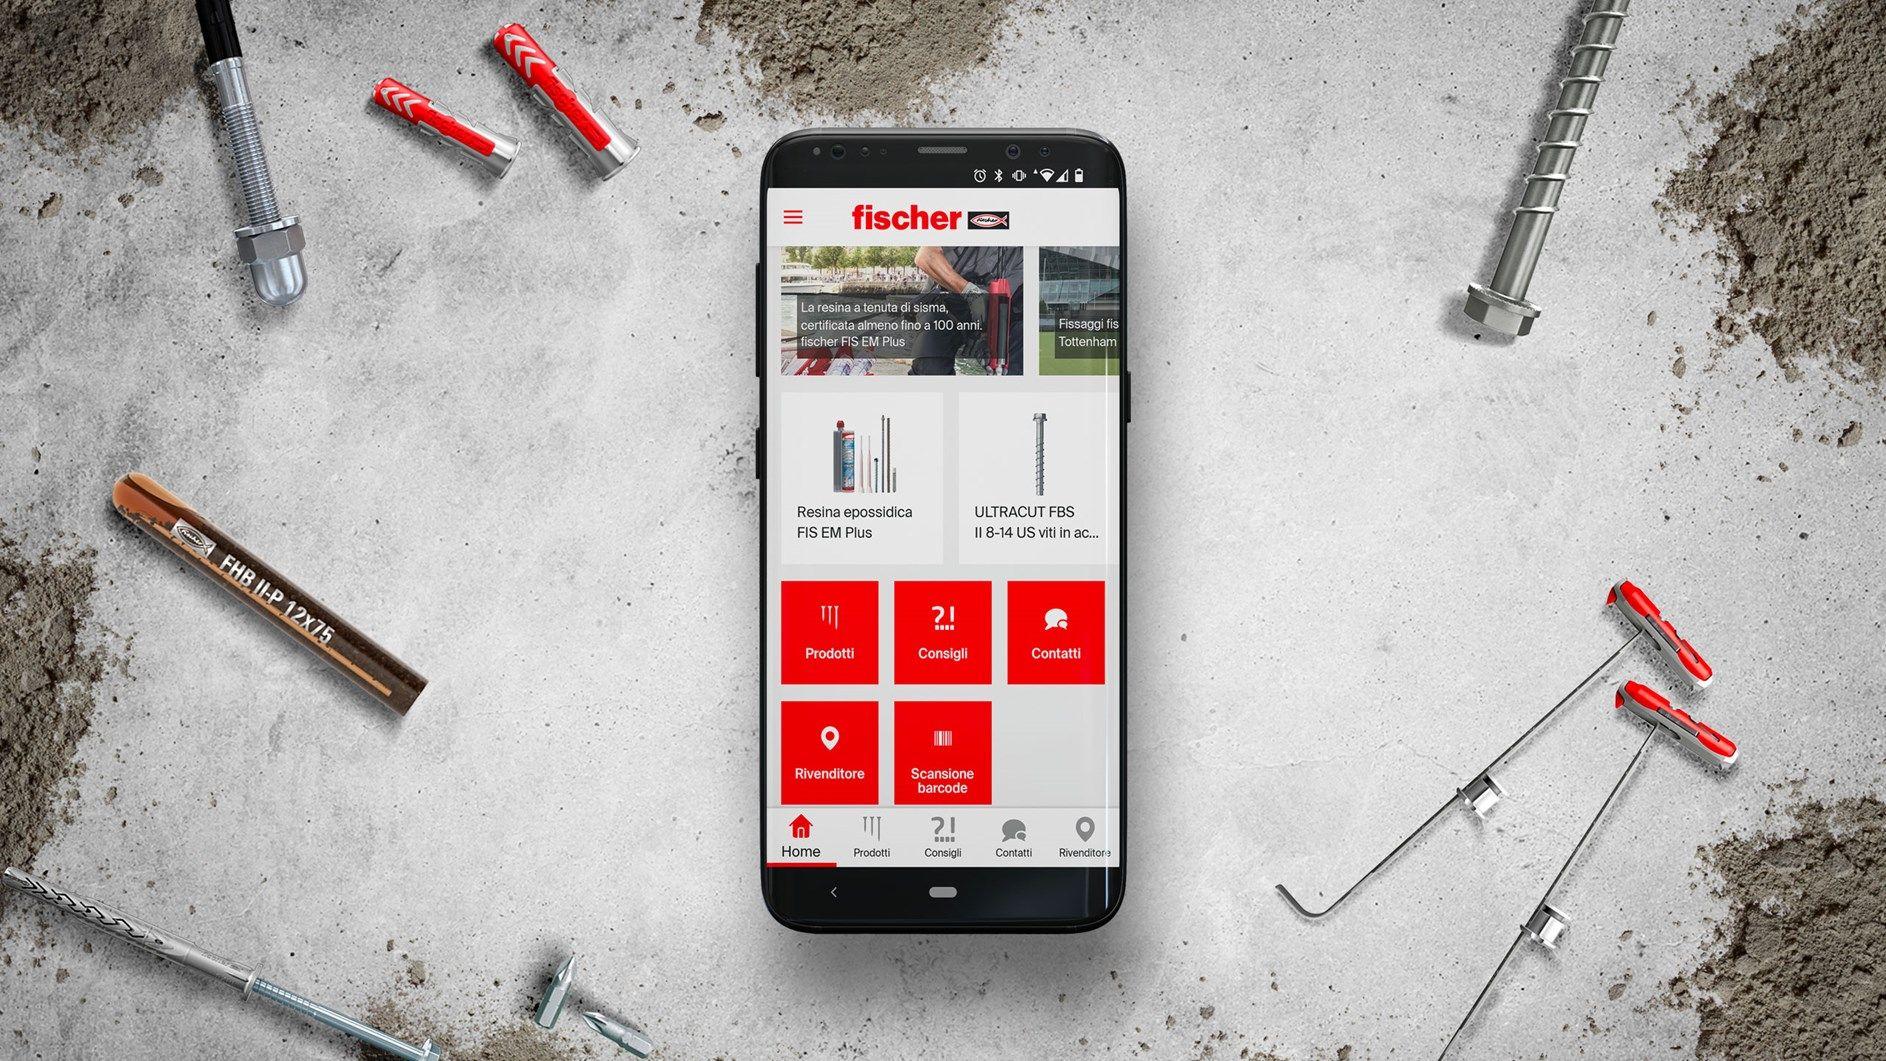 fischer Professional è la nuova app dedicata ai professionisti dell'edilizia